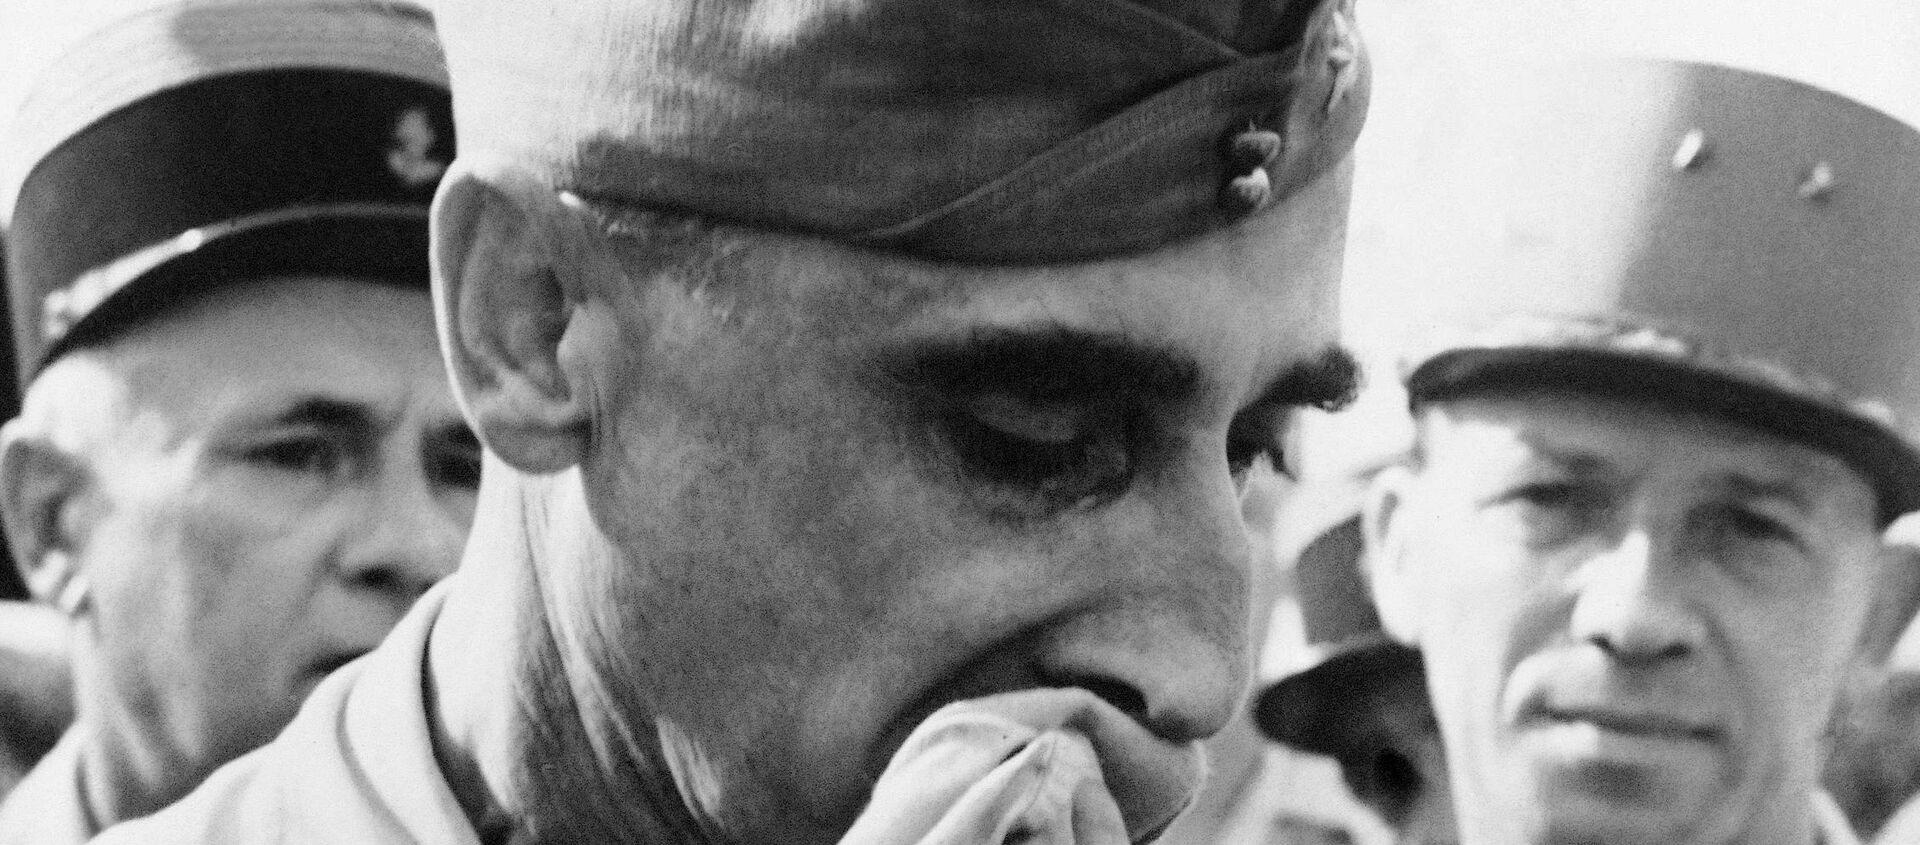 Tướng De Castries bị bắt tại Điện Biên Phủ. - Sputnik Việt Nam, 1920, 01.05.2019